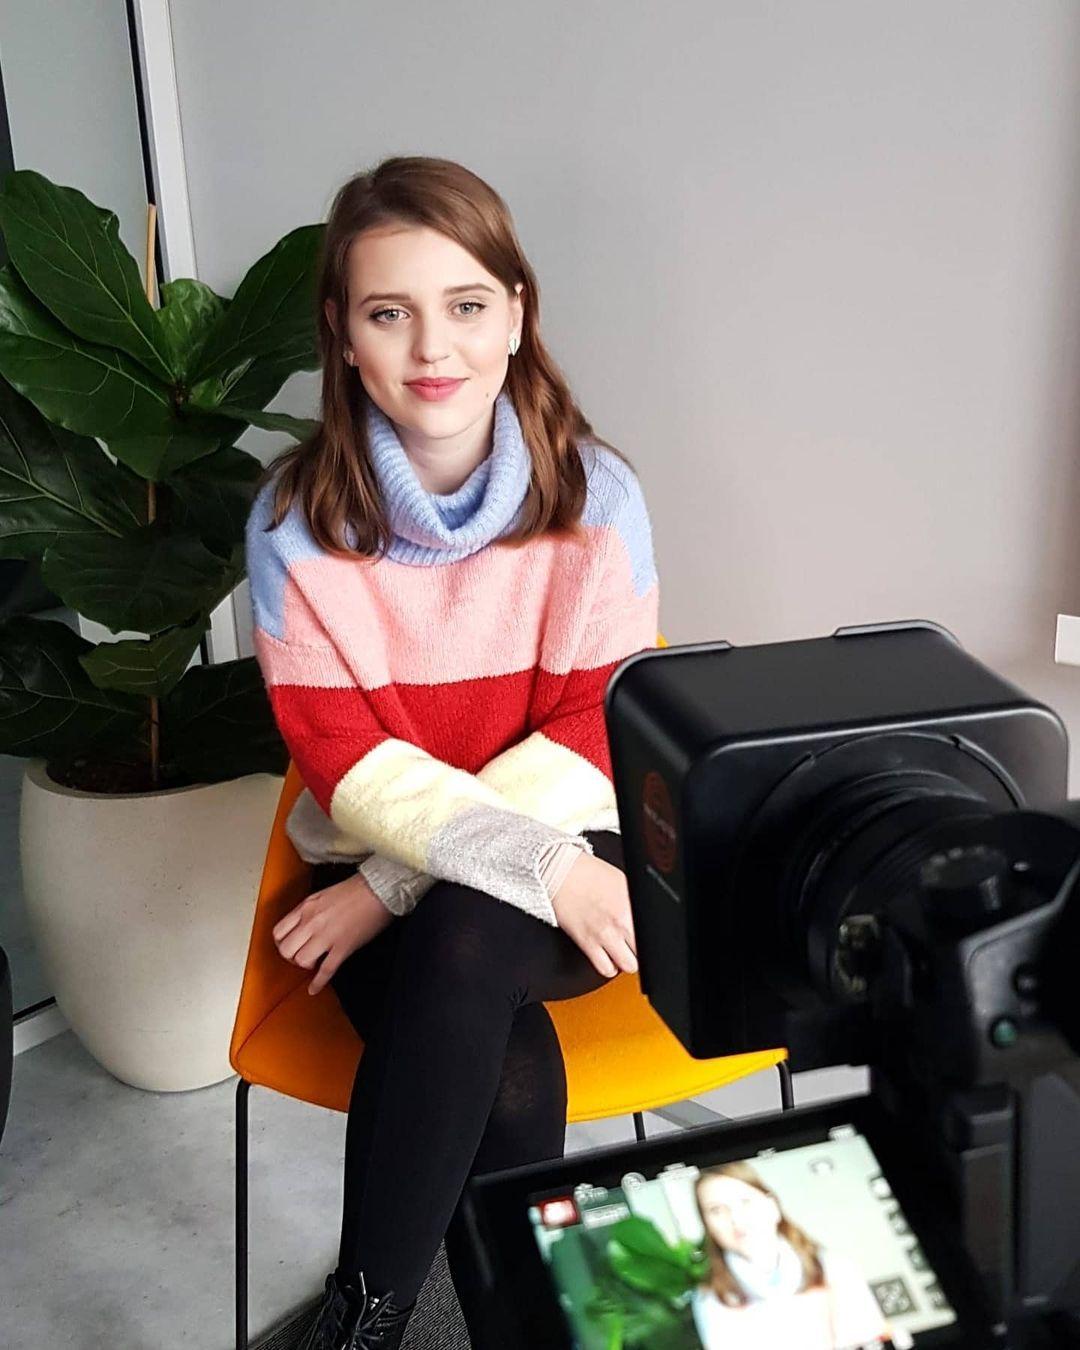 Sandra z Dejepisu inak uznáva, že jej videá vykazujú prvky plagiátorstva. Anonymovi sa nepáči, že na nich zarába a neuvádza zdroje